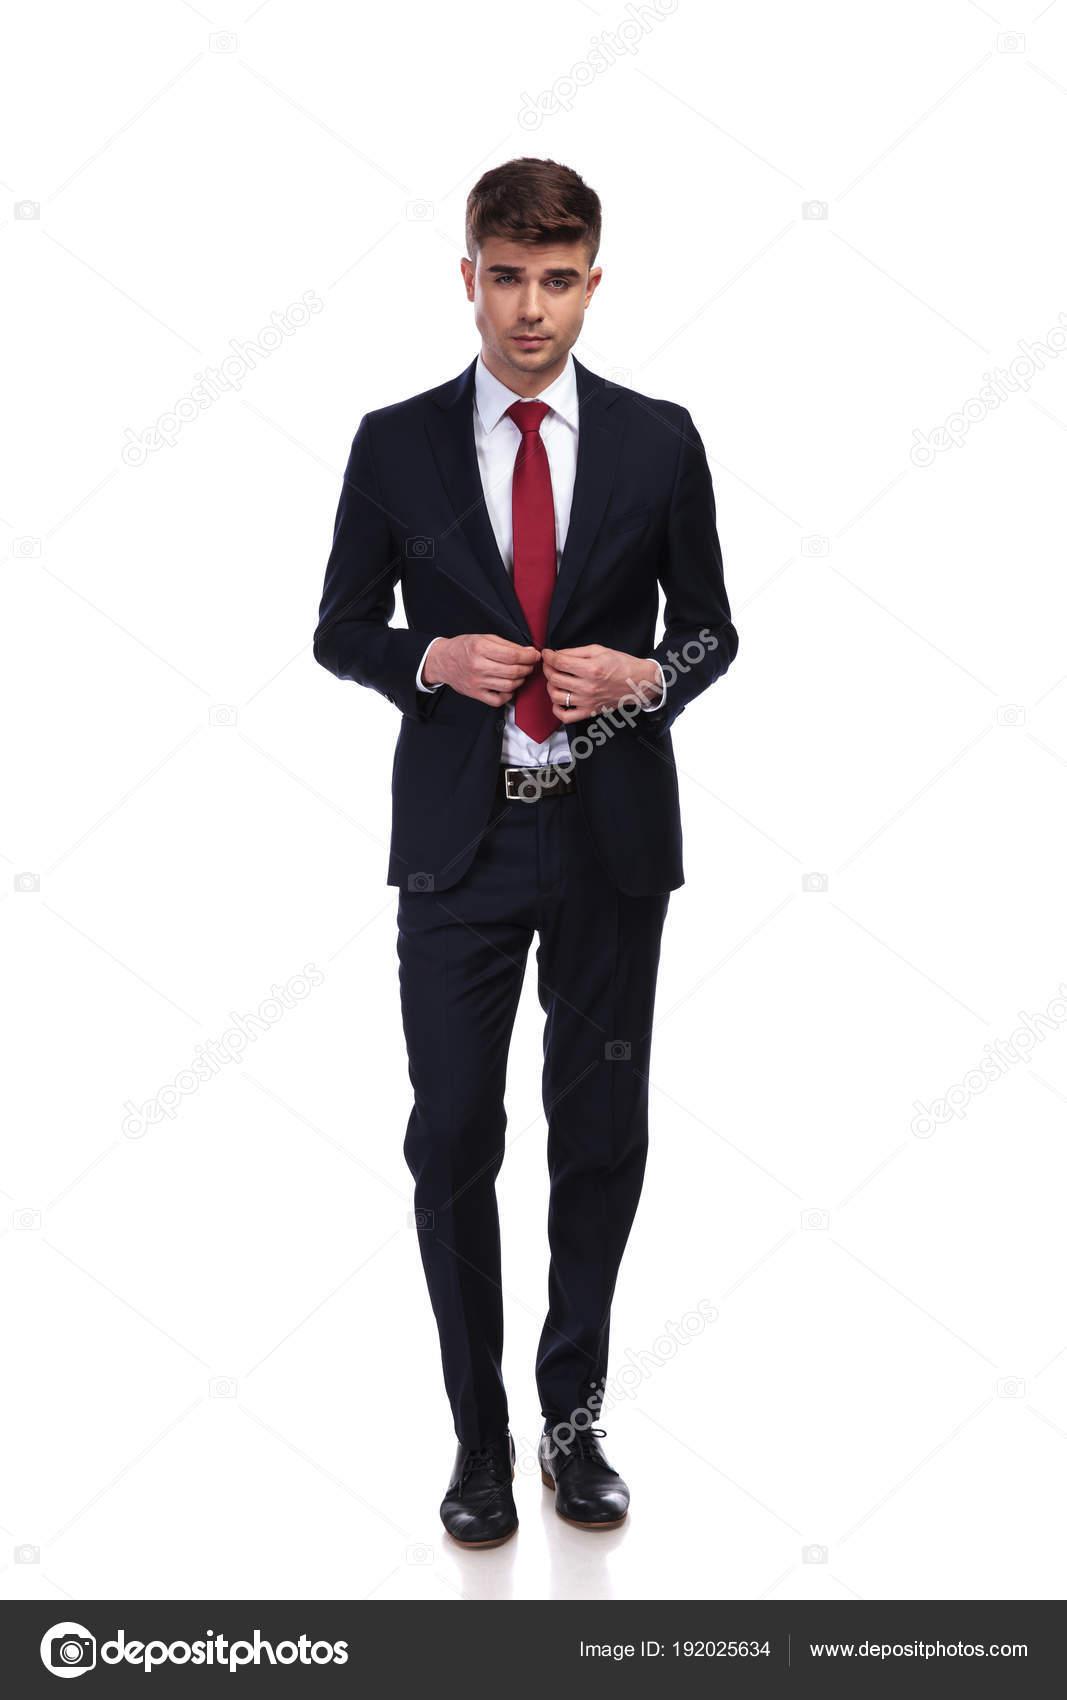 877355fe5b270 Homme d'affaires sexy boutonner son veston en marchant sur fond blanc. Il  porte un costume de couleur marine et une cravate rouge, photo complet du  corps ...